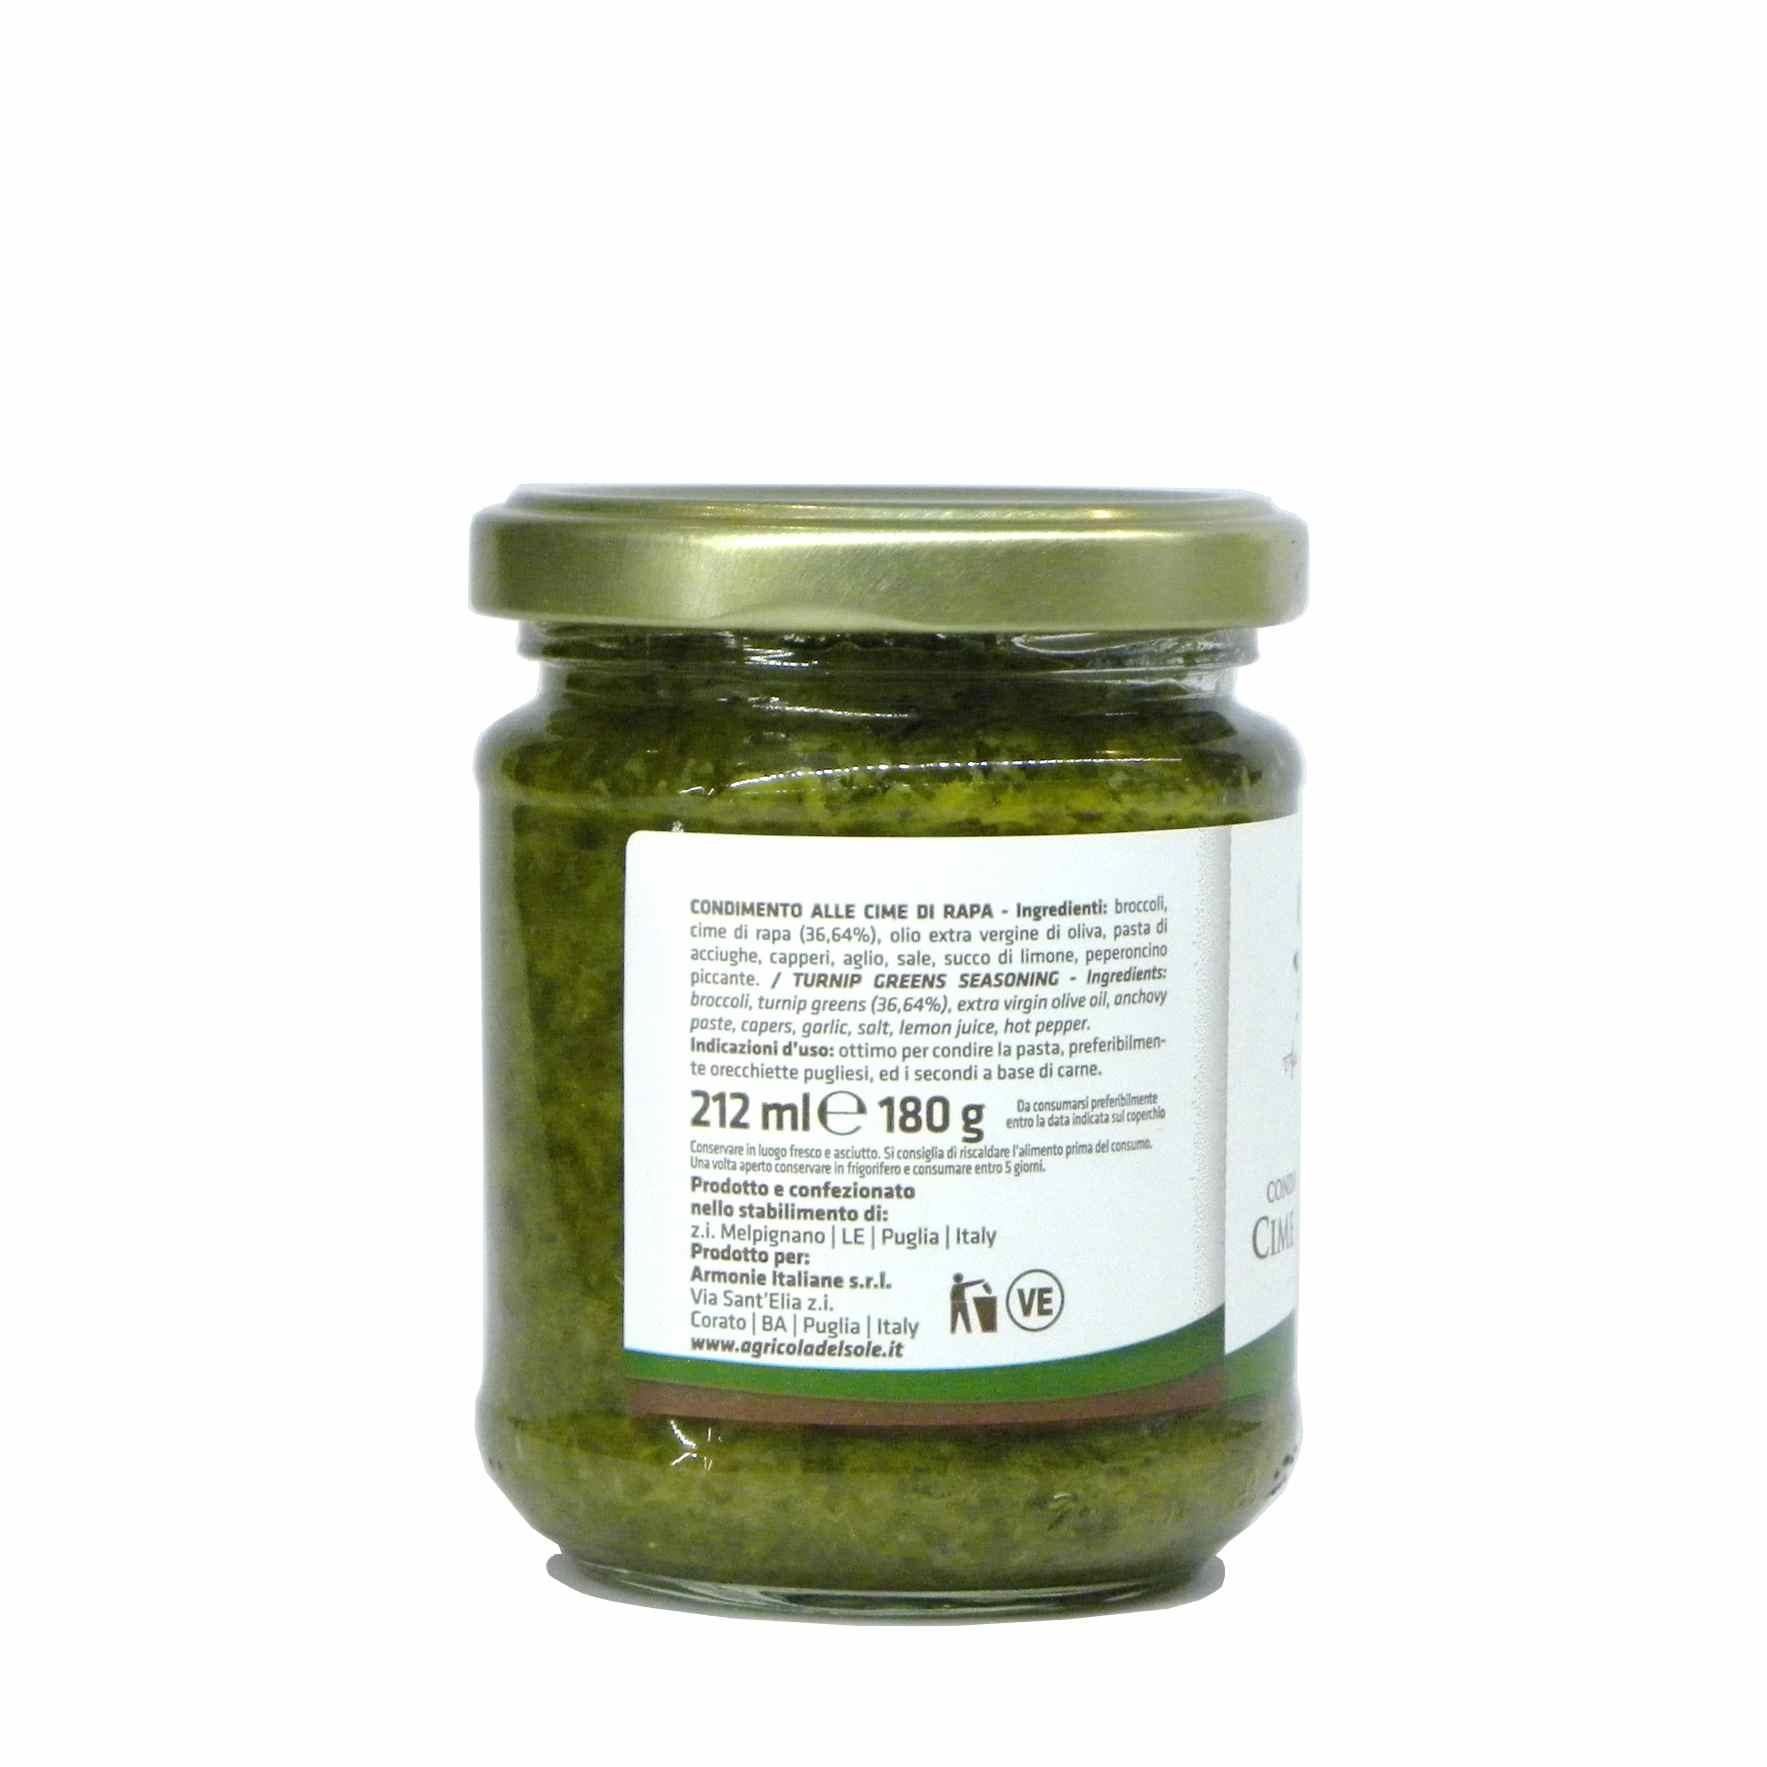 Agricola del Sole turnip green pasta sauce – Agricola del Sole condimento cime rapa – Gustorotondo – Italian food boutique